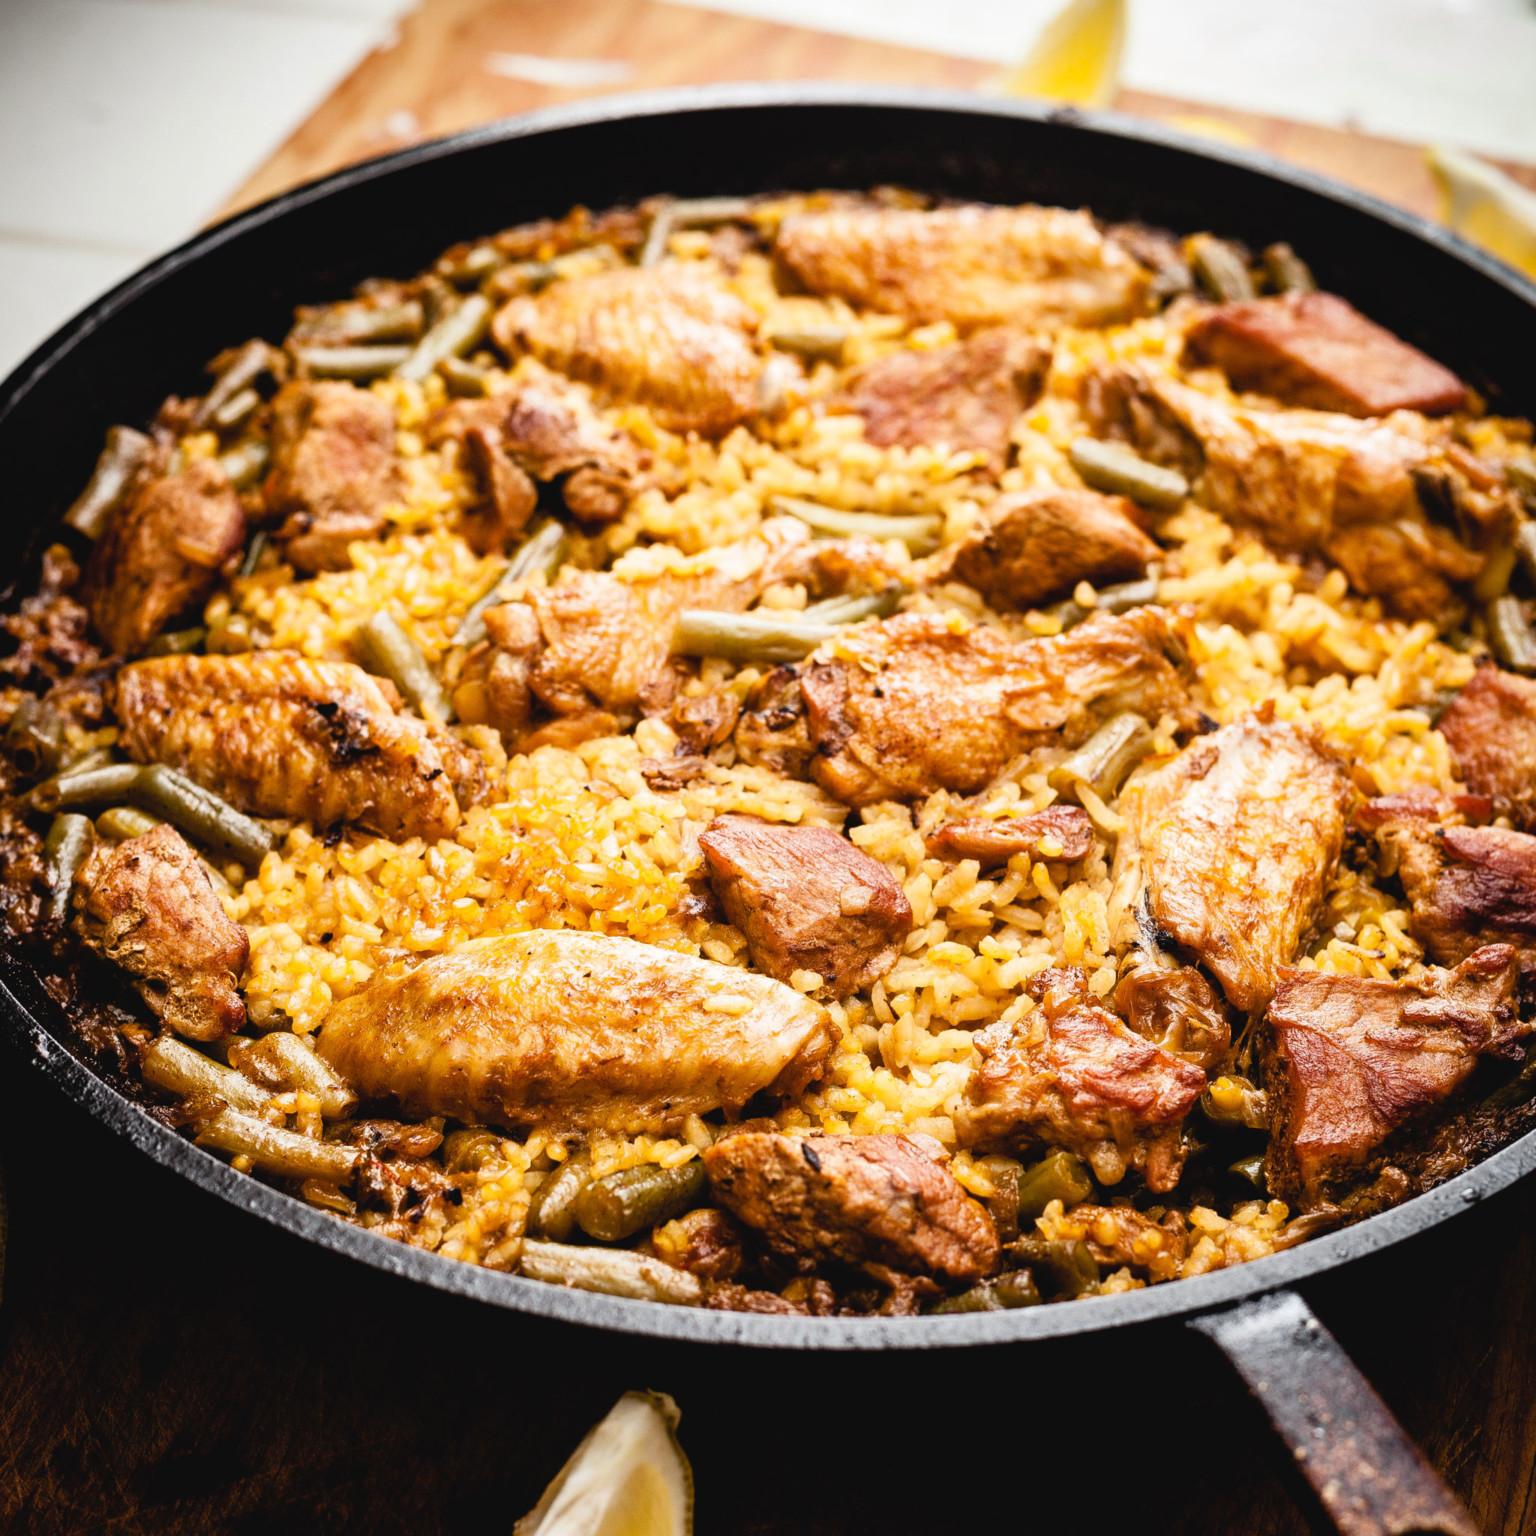 paella de pollo y cochino | thatothercookingblog.com